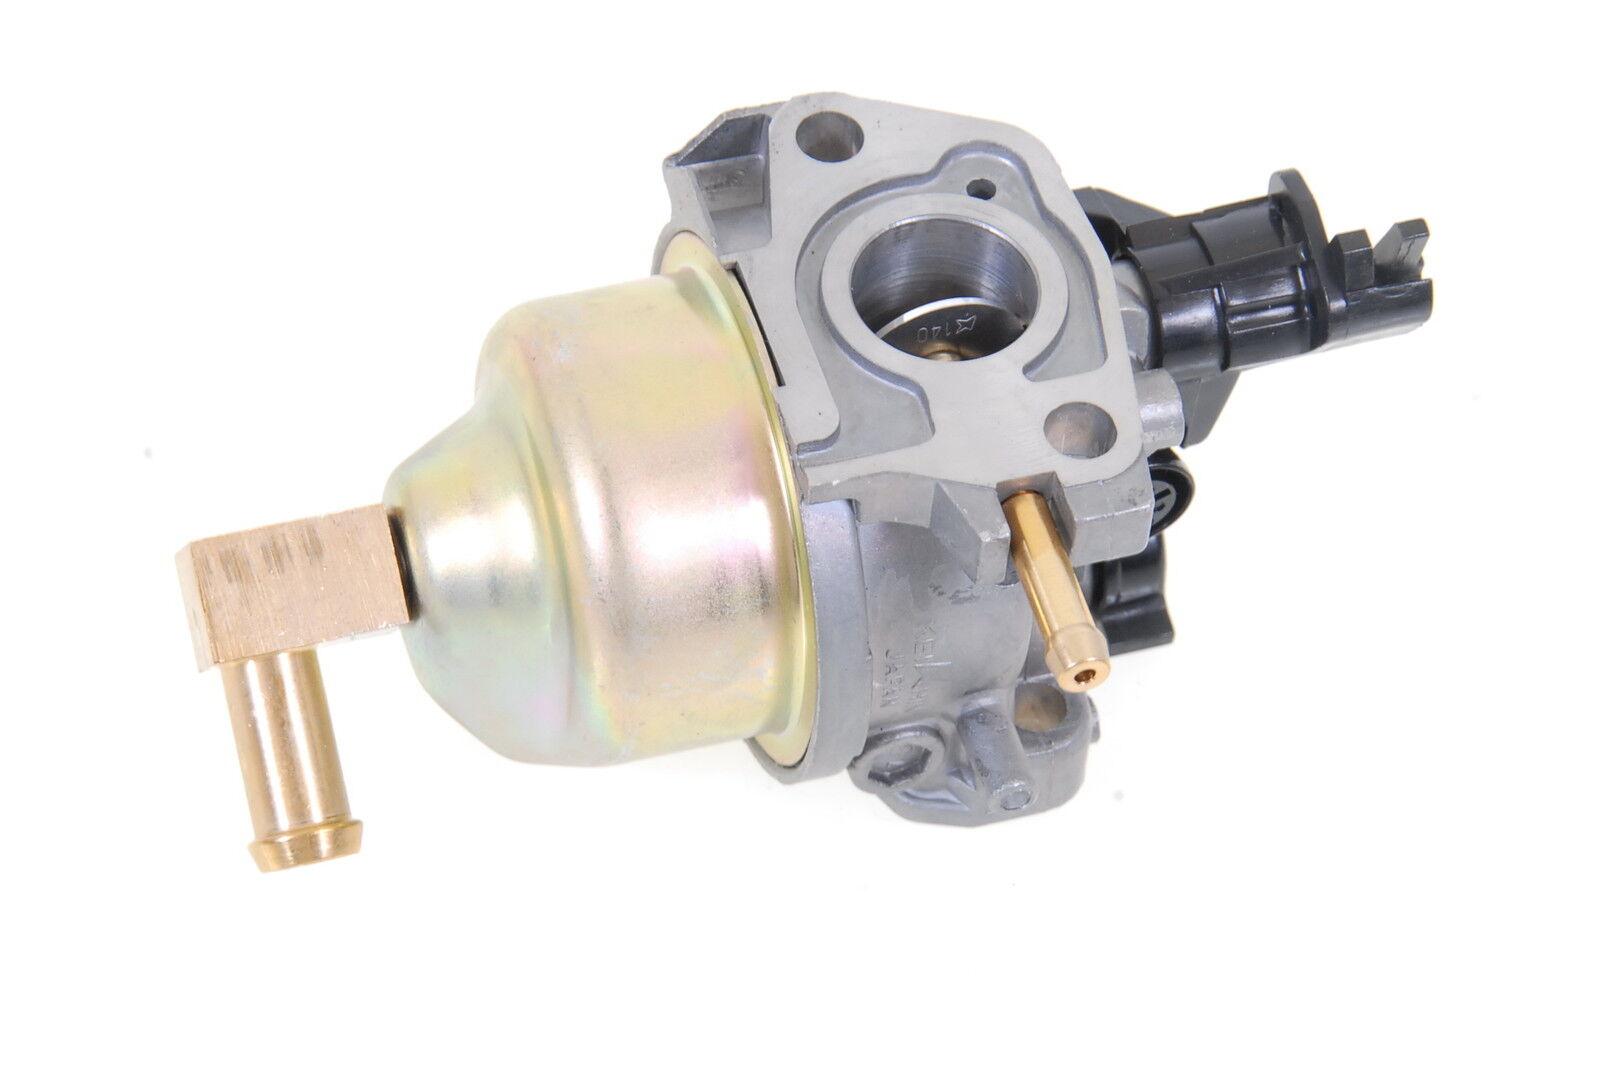 Honda Cocheburador 16100-zh8-831  44-60-103